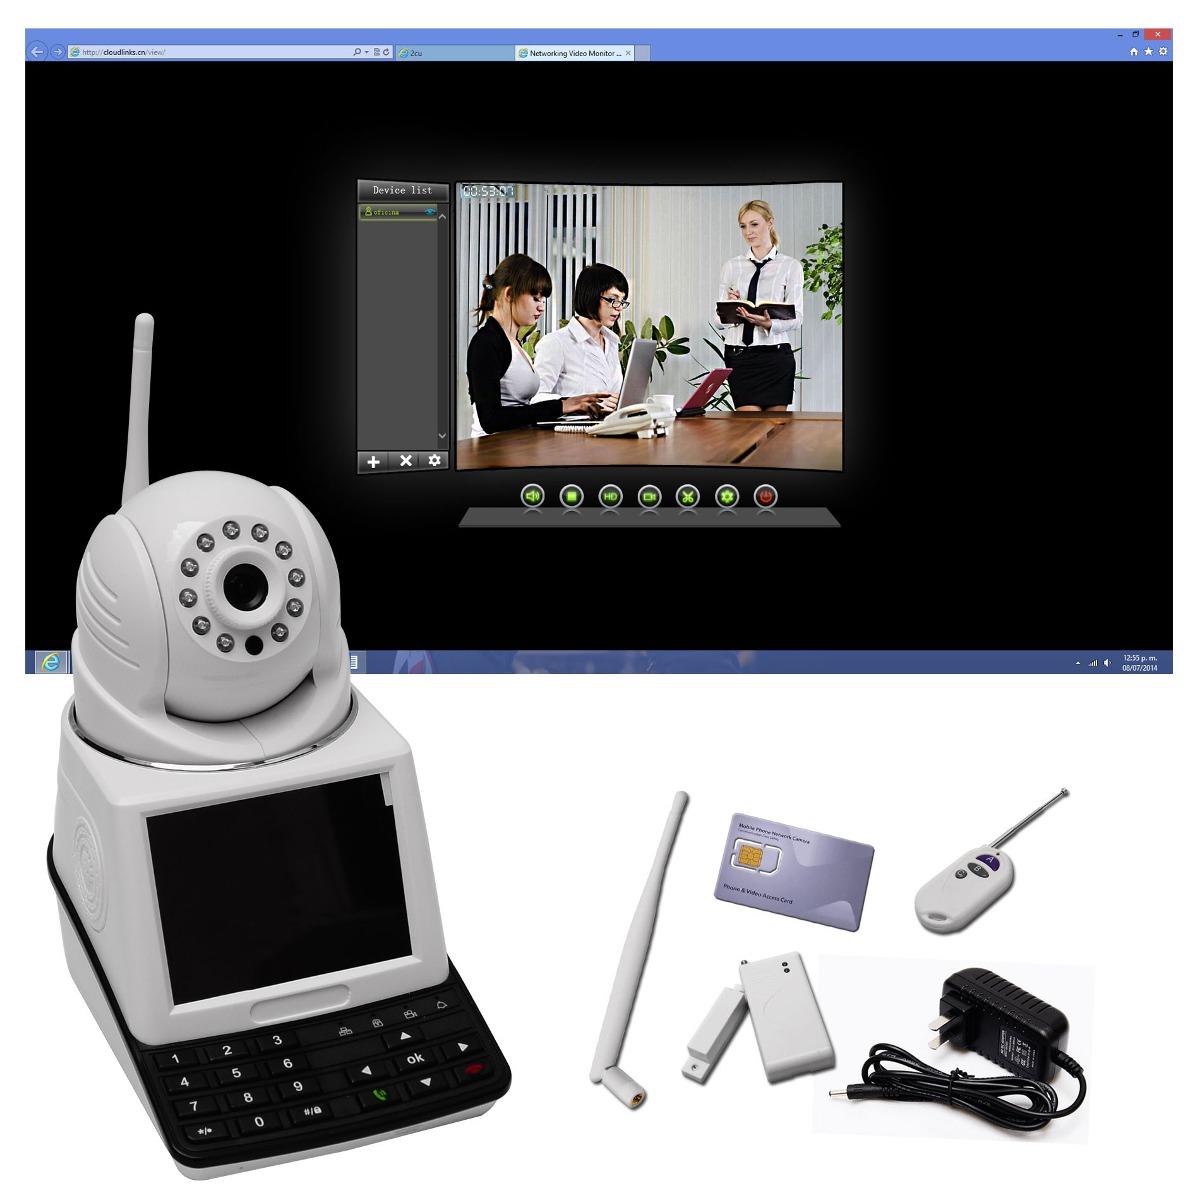 Camara de seguridad ip videollamada monitoreo con sim - Camara seguridad ip ...